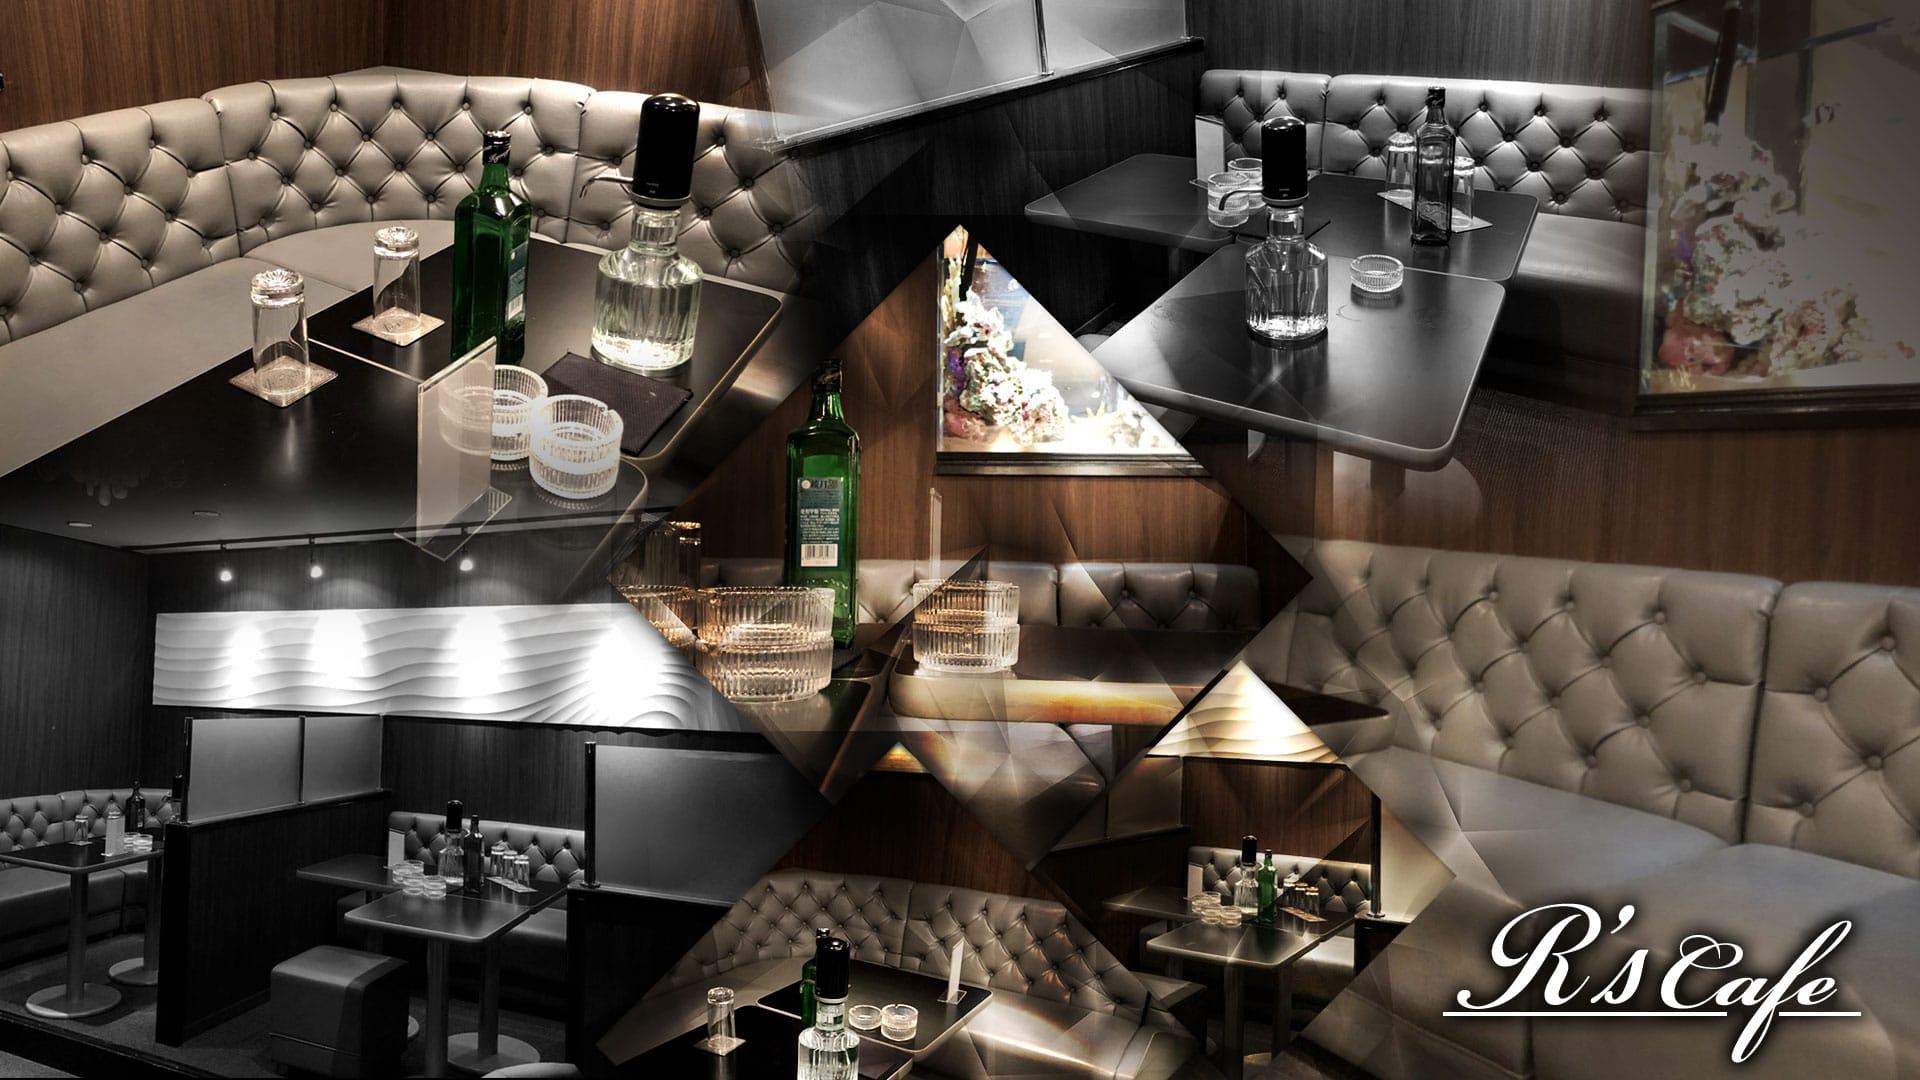 R's cafe[アールズカフェ] TOP画像